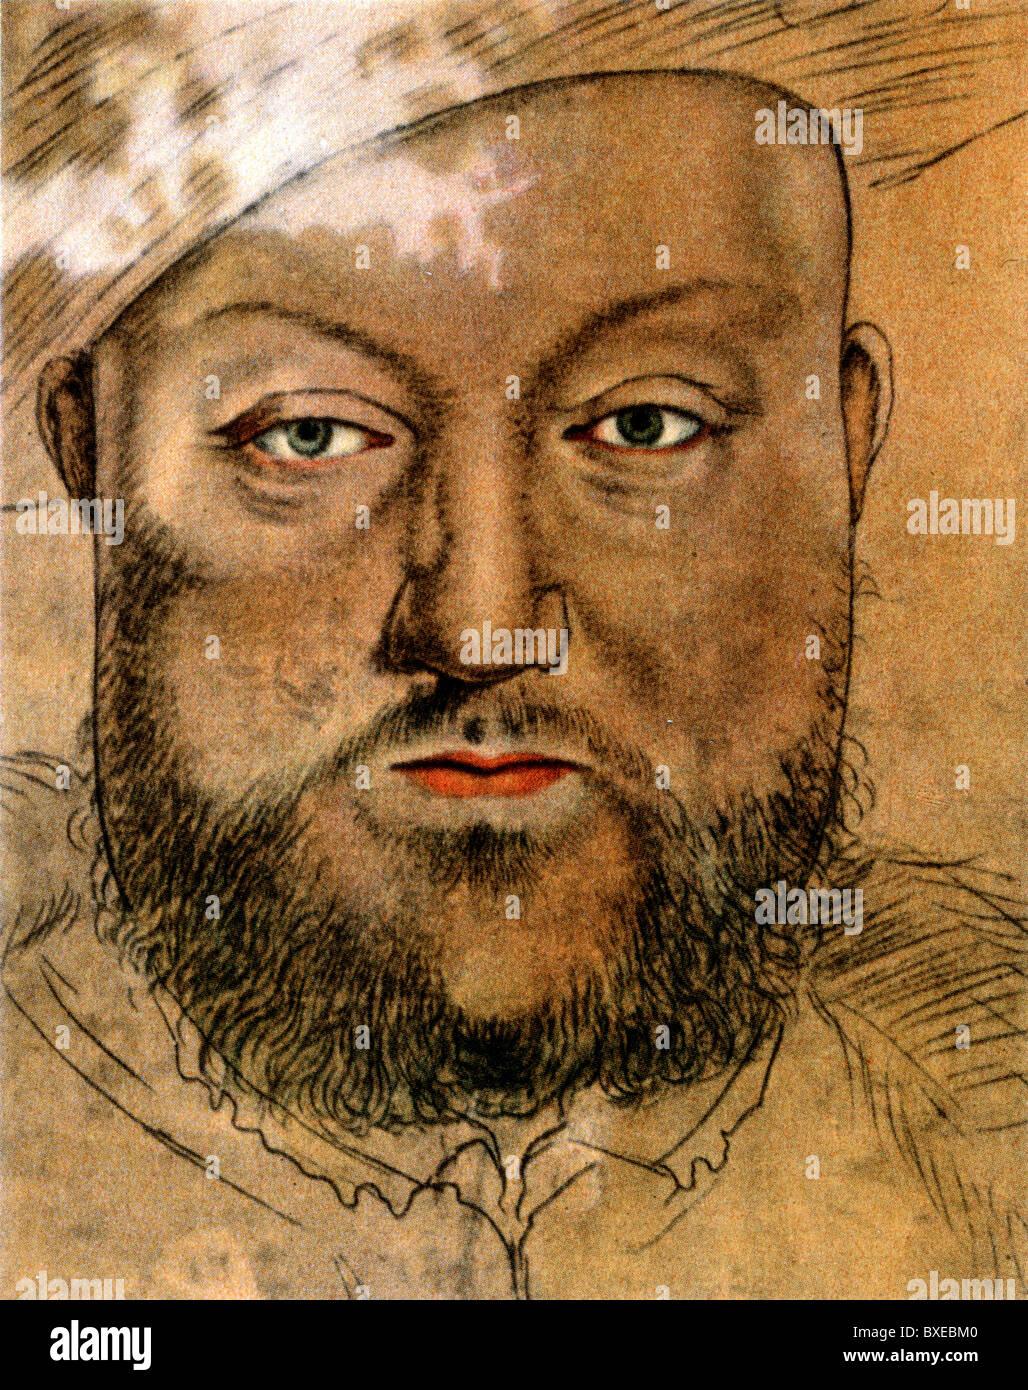 Sketch par Hans Holbein le Jeune, Portrait du Roi Henry VIII d'Angleterre, illustration couleur; Photo Stock